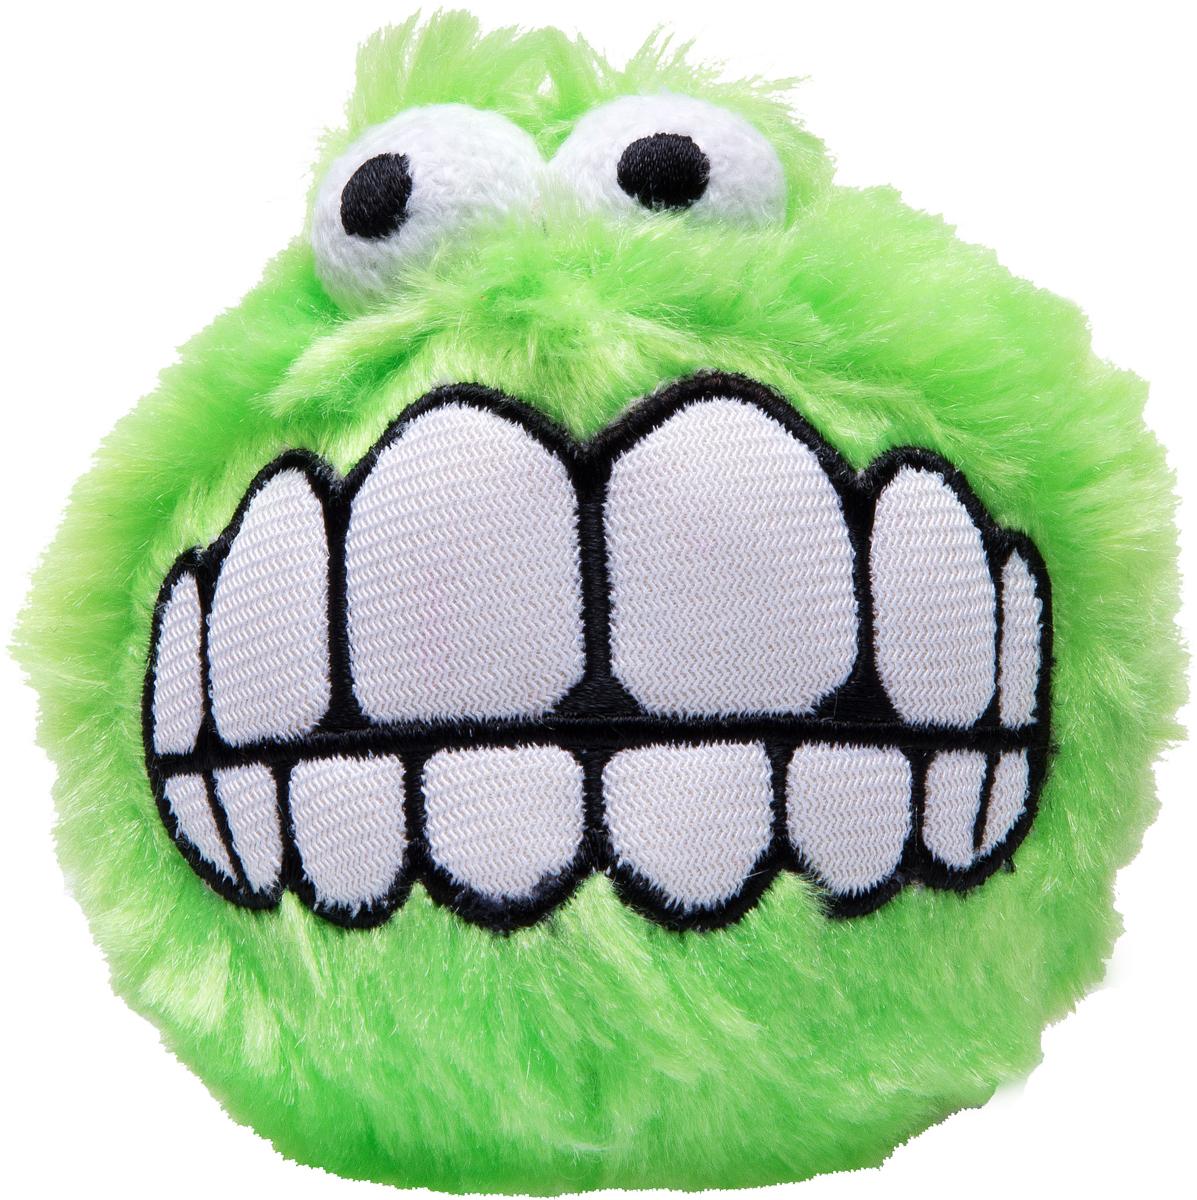 Игрушка для собак Rogz Fluffy Grinz. Зубы, цвет: лайм, диаметр 7,8 смCGR05LИгрушка для собак Rogz Fluffy Grinz. Зубы - особо мягкий, плюшевый мяч. Для животных, которые любят играть в Поймай-принеси - это просто мечта.Небольшой вес изделия.Не травмирует зубы и десны.Удобен для переноски животных.Внутри игрушки пищалка, что поддерживает интерес животного к игре.